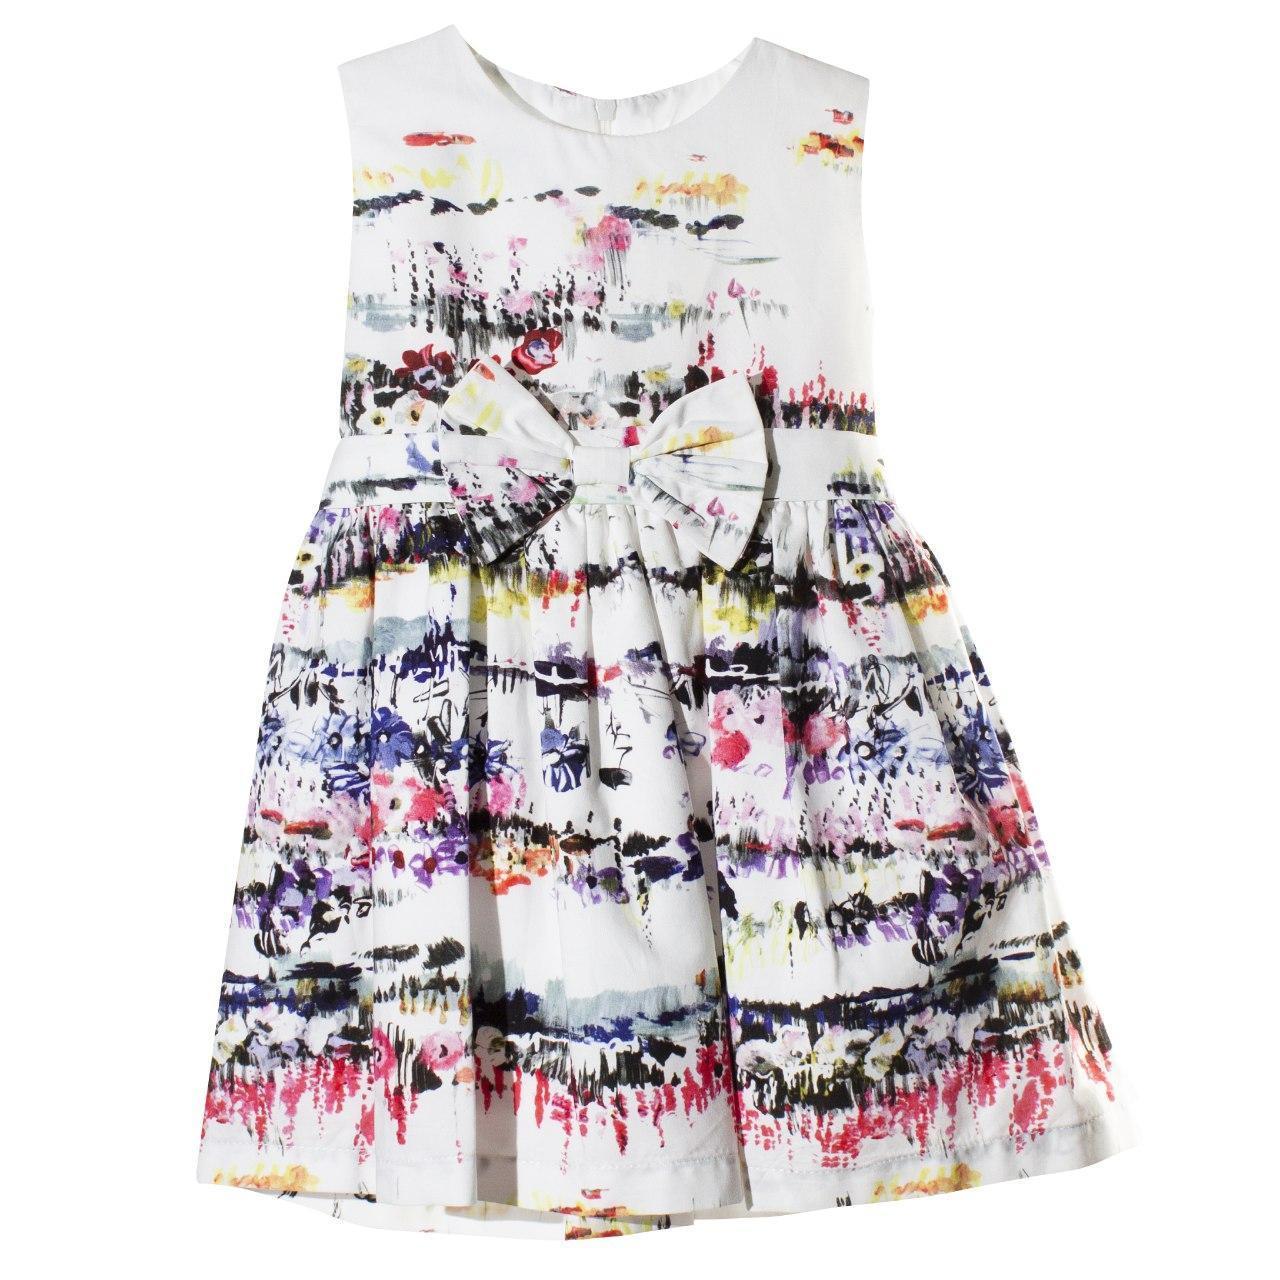 Нарядное платье для девочки, размеры 4 года, 7, 8 лет